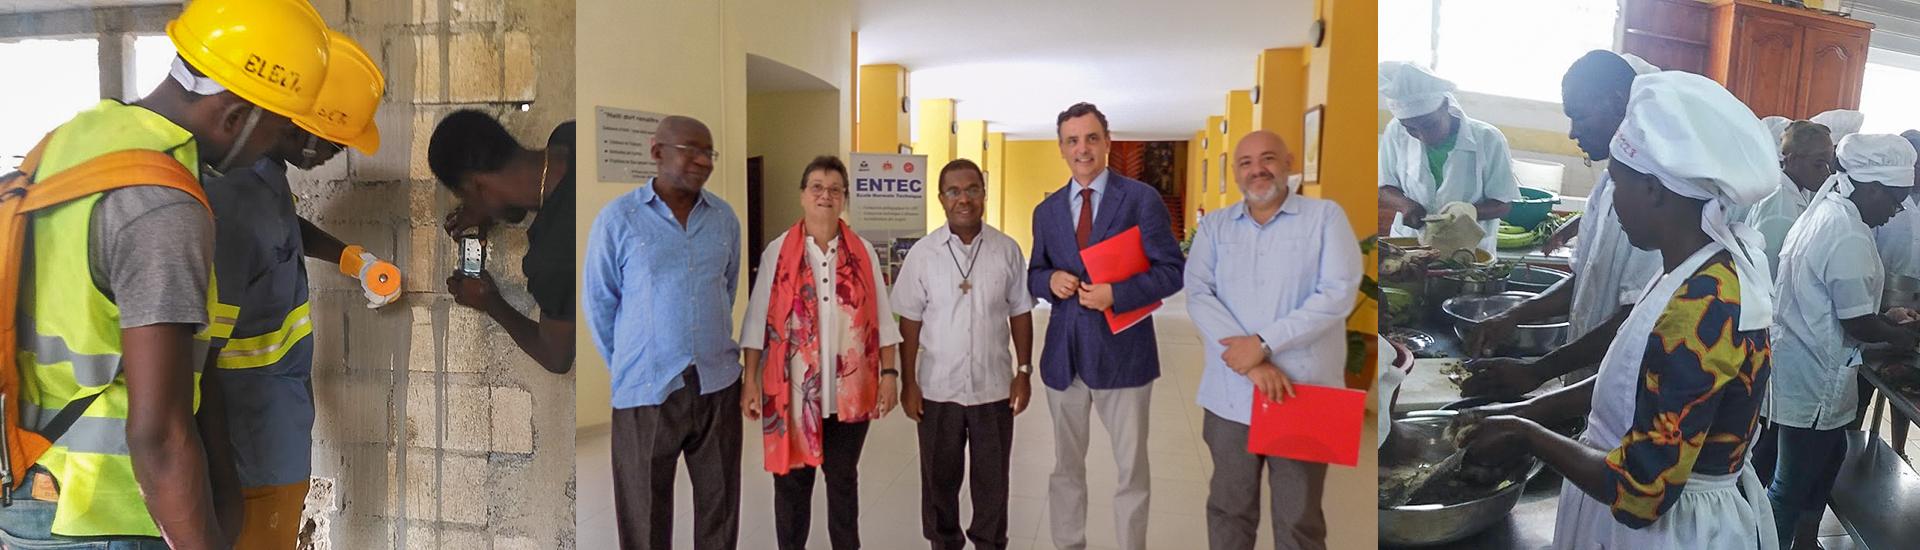 Haití, por una formación profesional de calidad para los jóvenes